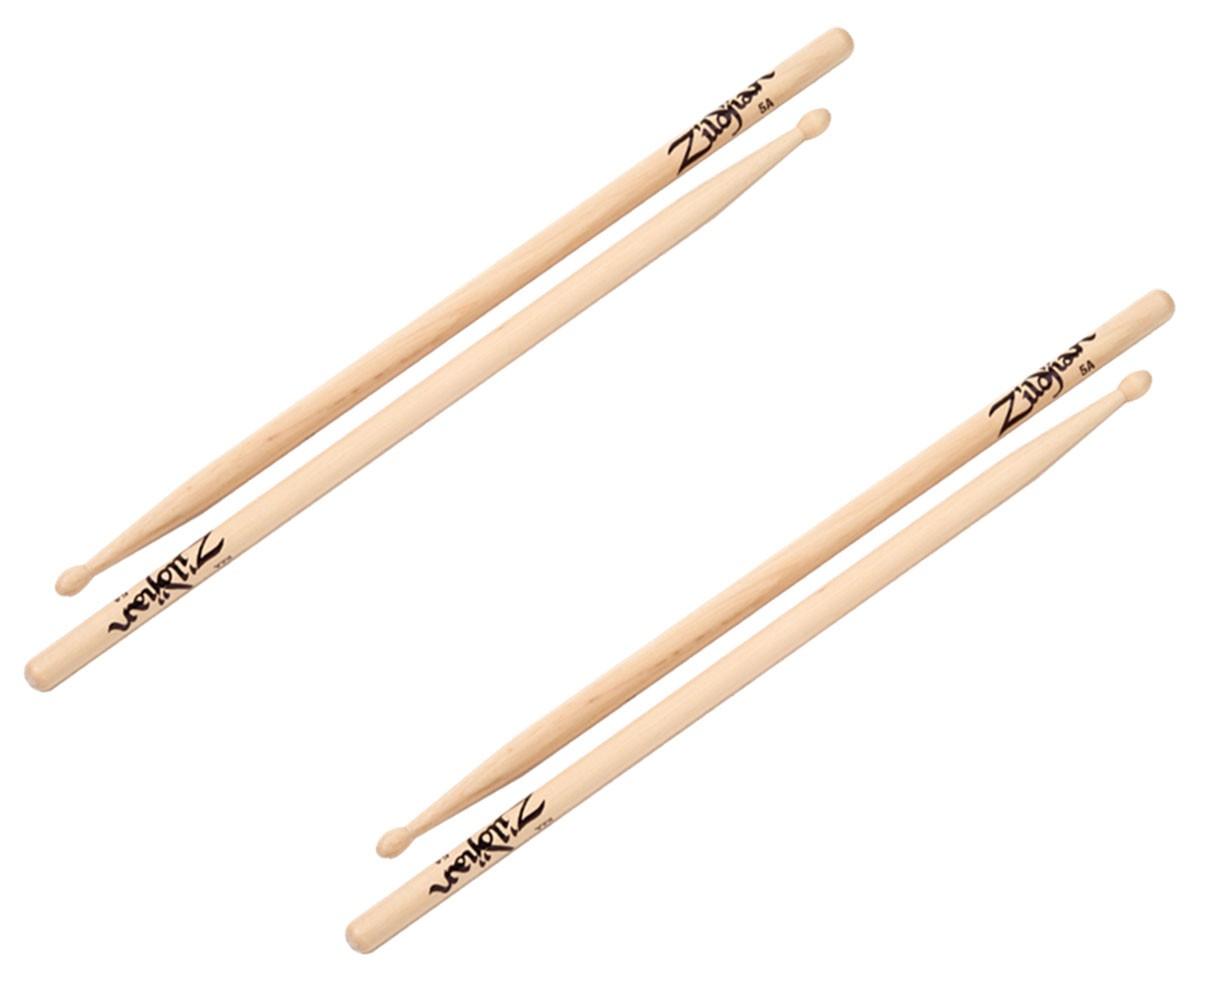 ZIldjian 5AWN - 5A Wood Natural 2-PACK